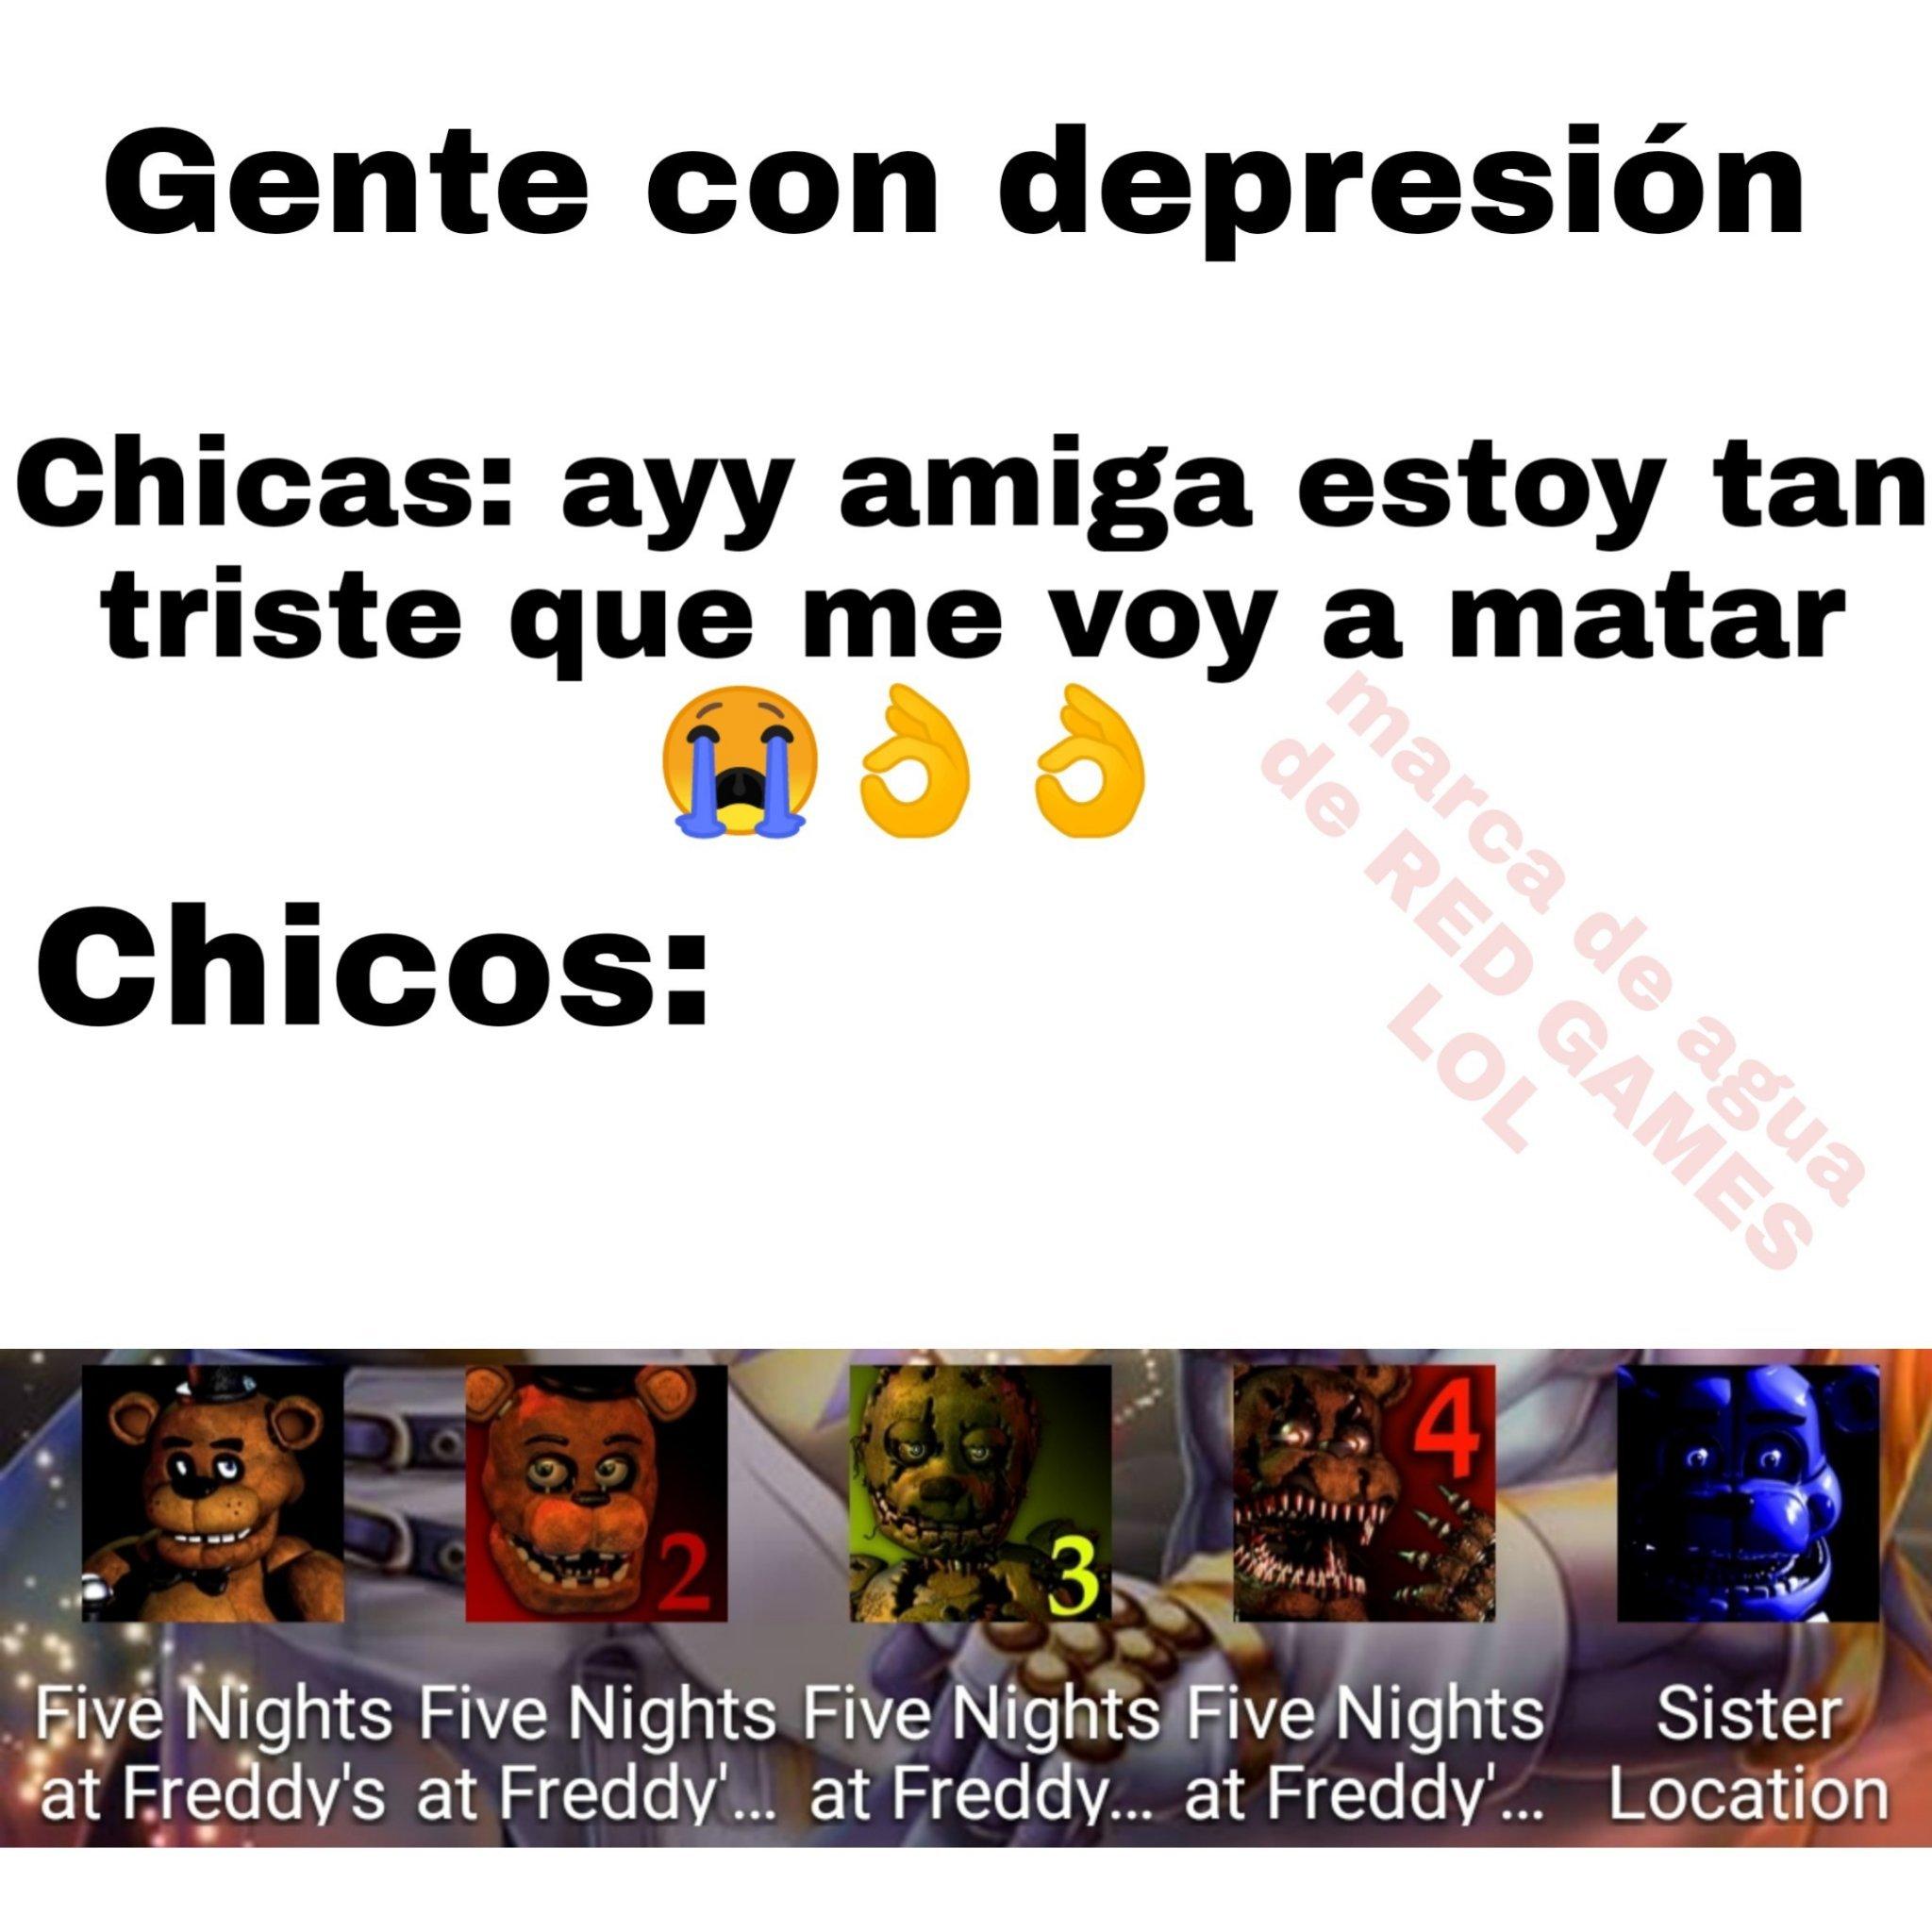 Wey noooooooooo - meme